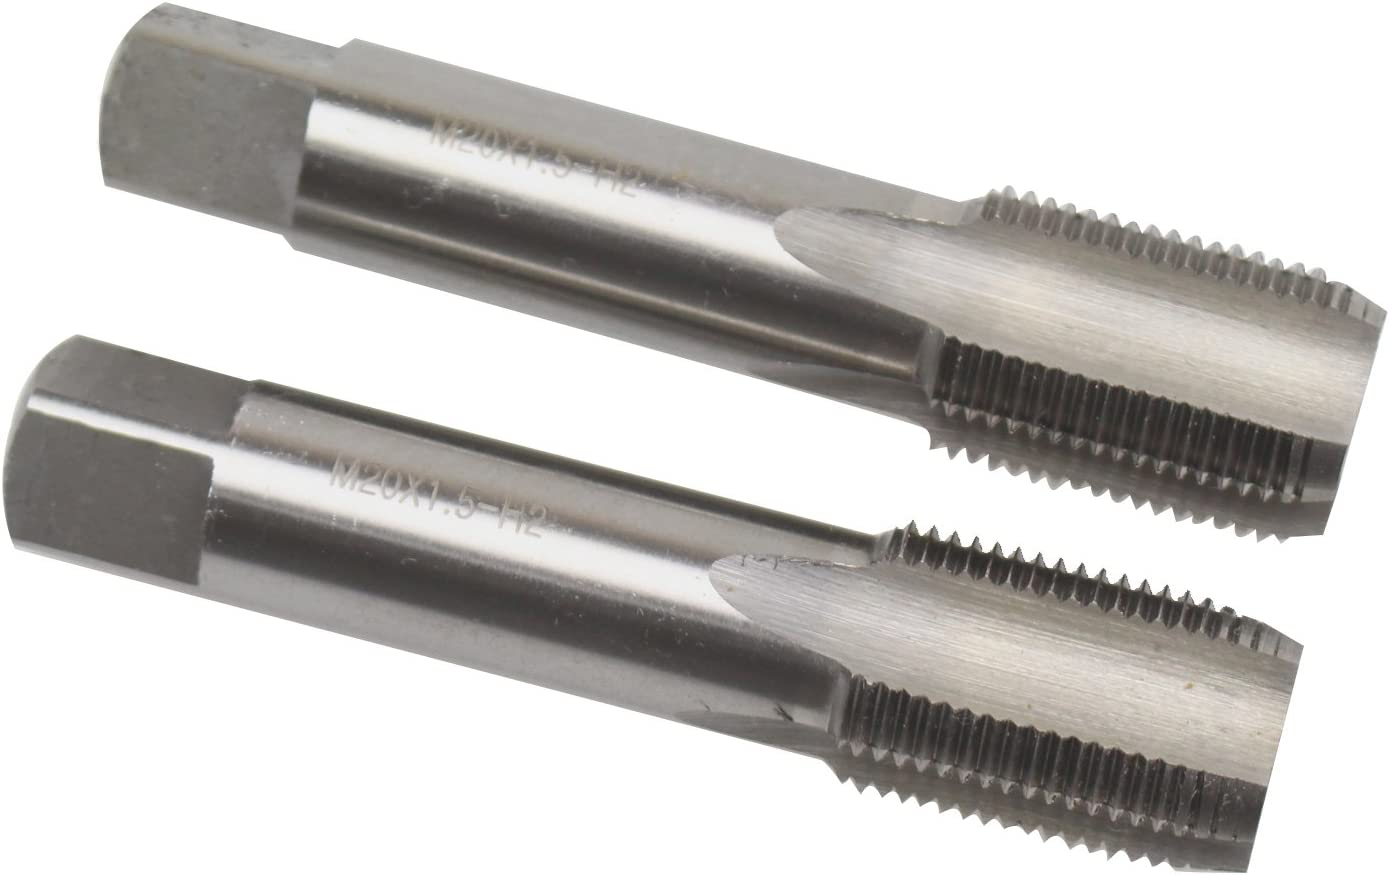 New 1pc HSS M20 x 1.5mm Tap /& M20 x 1.5mm Die Metric Thread Right Hand